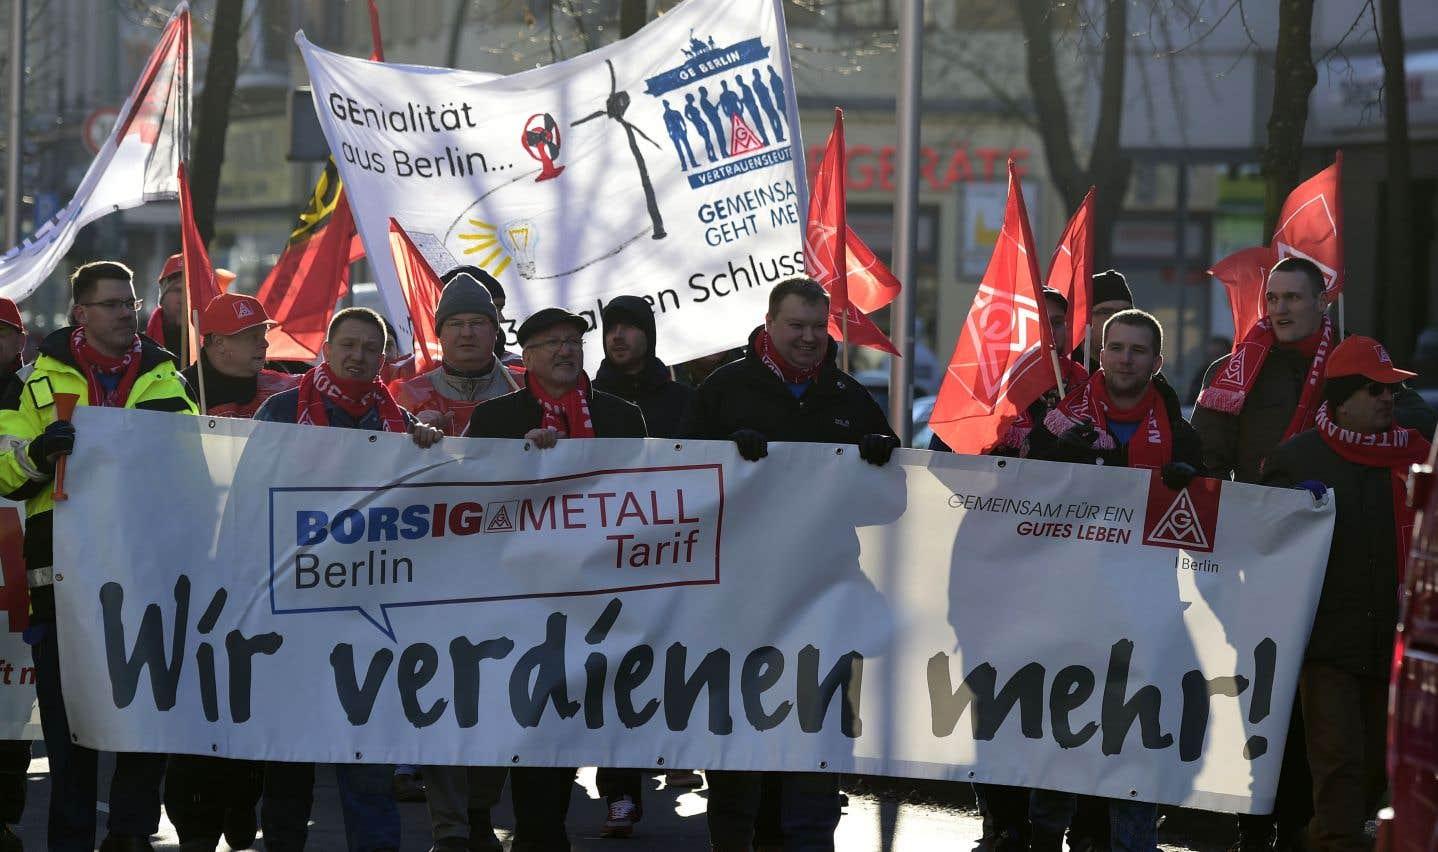 Le puissant syndicat allemand de la métallurgie IG Metall a donné lundi le coup d'envoi de protestations portant notamment sur le passage de la semaine de travail de 35 à 28heures pour ceux qui le souhaitent, avec compensation partielle de la perte de salaire par l'employeur. Ici devant un édifice de la compagnie d'ascenseurs Otis à Berlin.